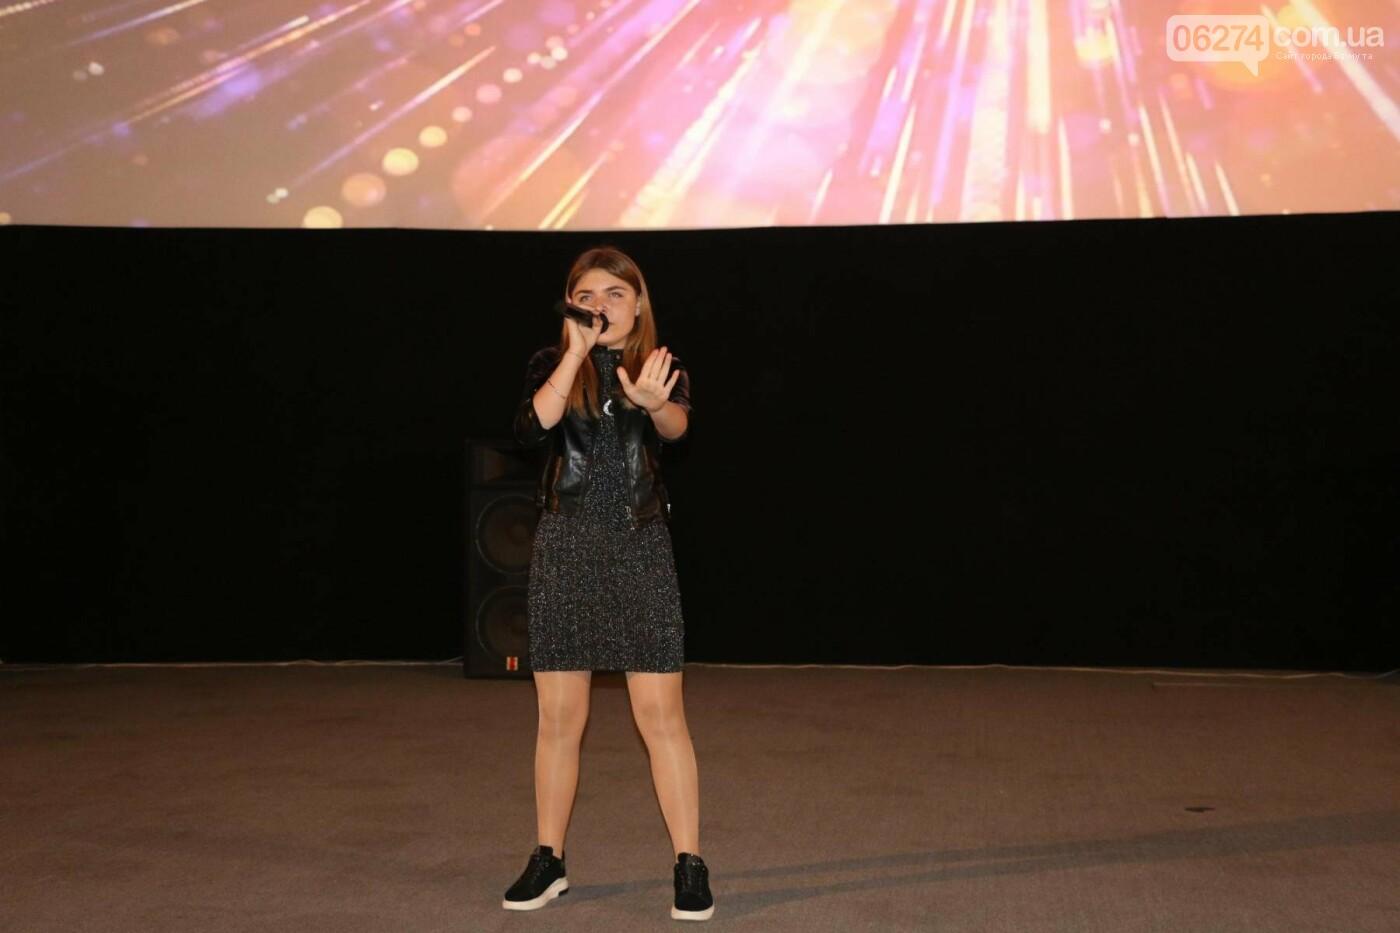 В Бахмуте прошел отчетный концерт образцового ансамбля танца «Непоседы» (ФОТОРЕПОРТАЖ), фото-31